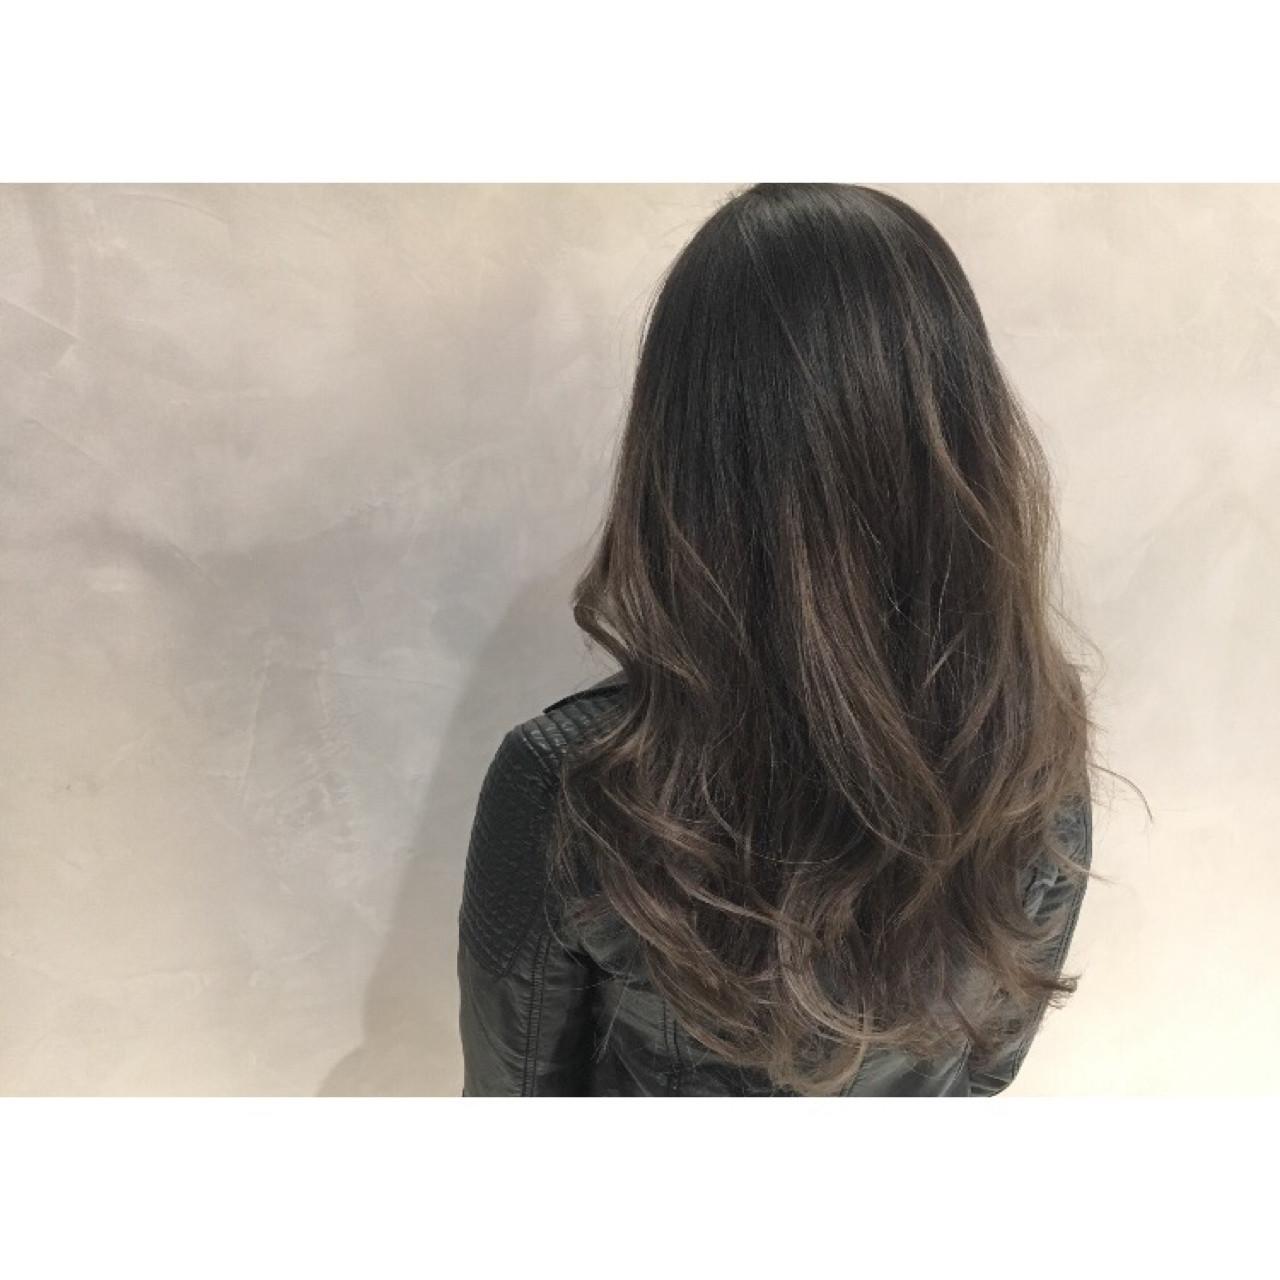 グレージュ バレイヤージュ ロング ストリート ヘアスタイルや髪型の写真・画像 | 久保 賢二 / WARREN TRICOMI NEWYORK